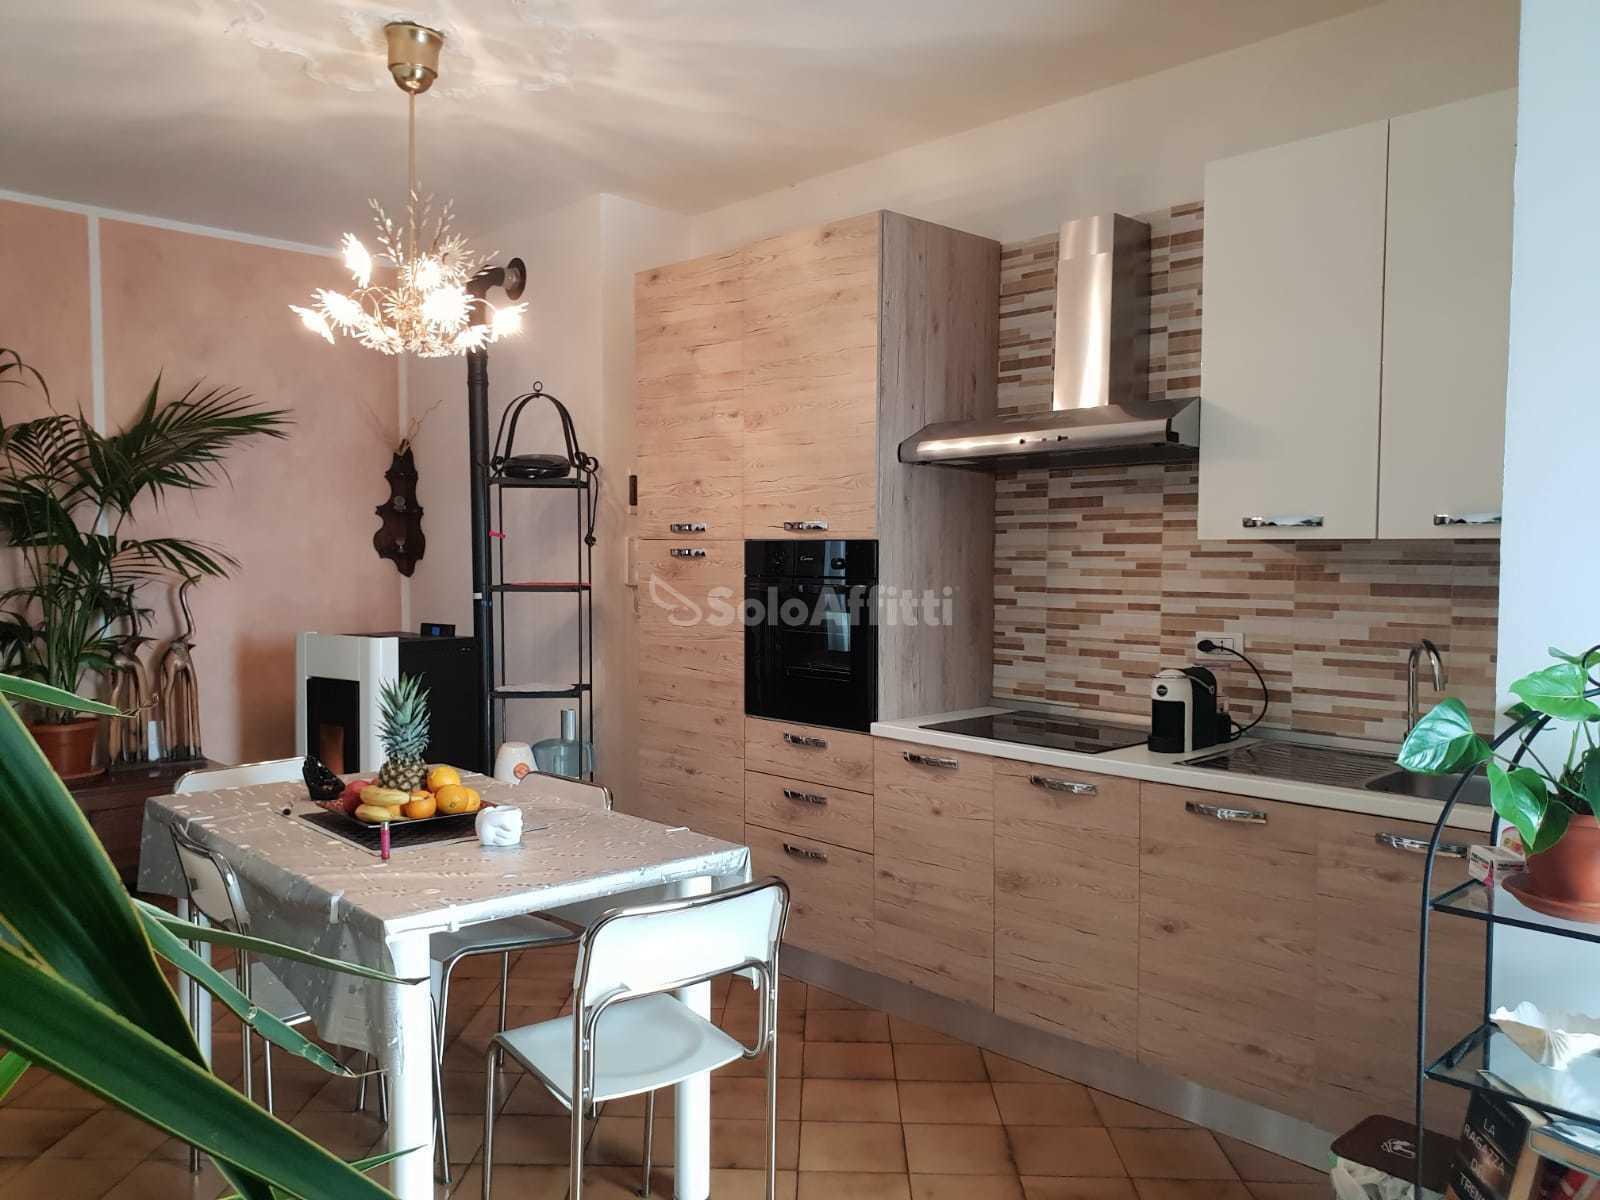 cucina5.jpg